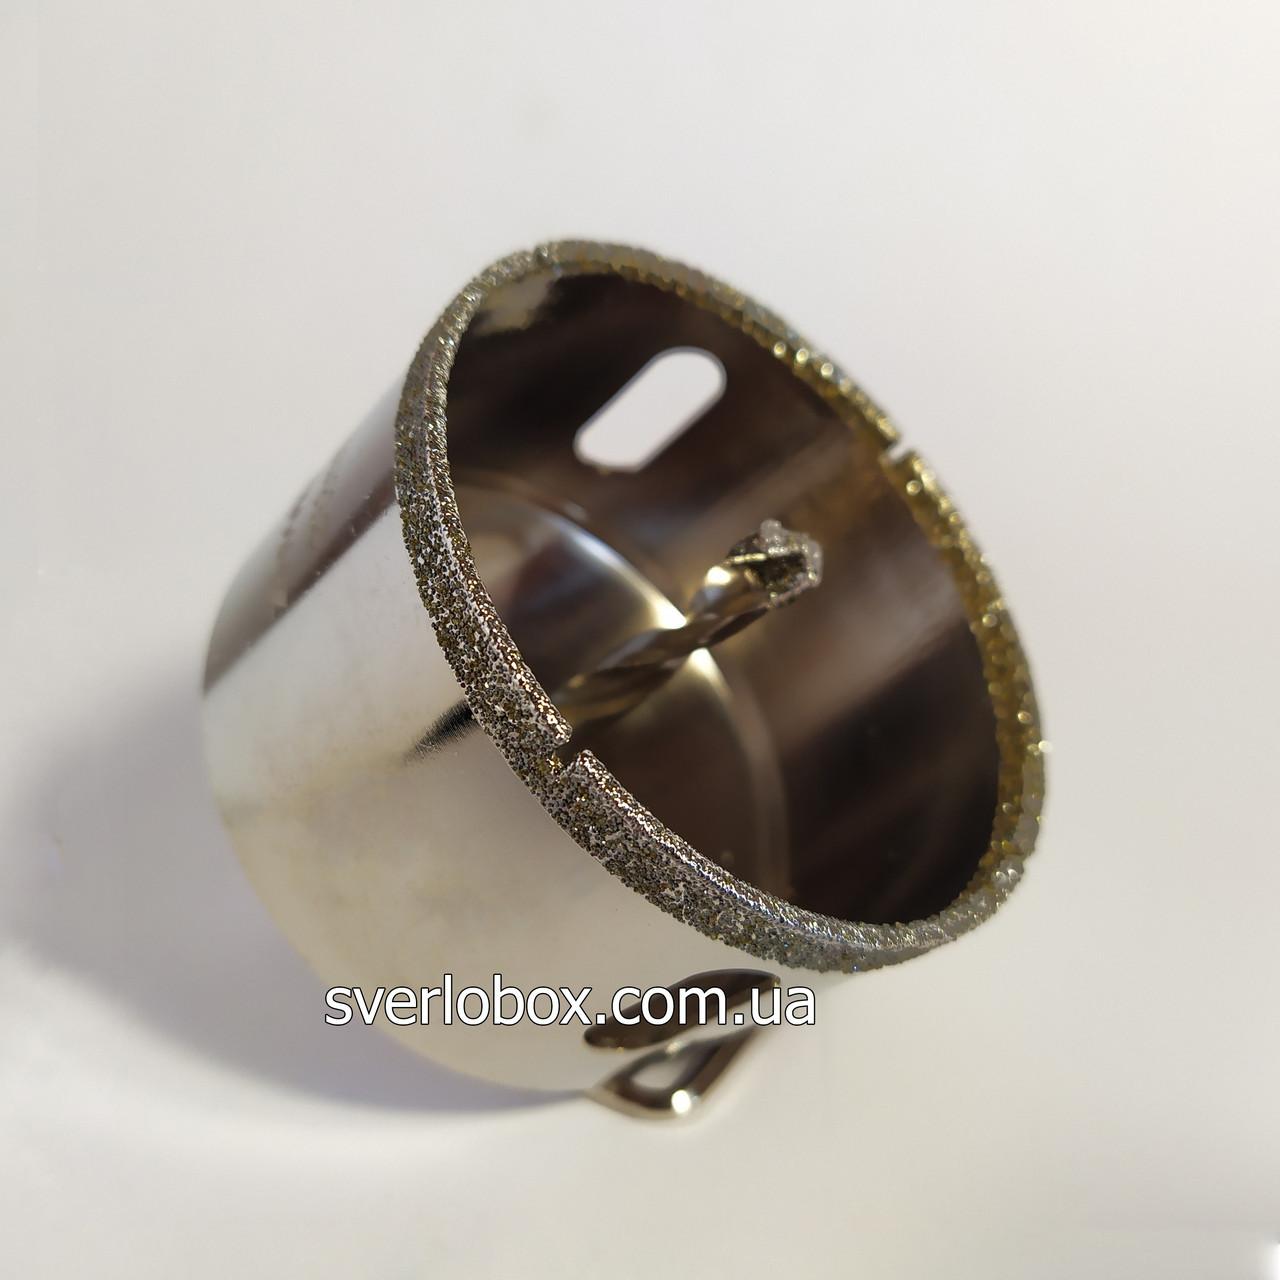 Алмазна Коронка по плитці і склу 60 мм з напрямних свердлом.